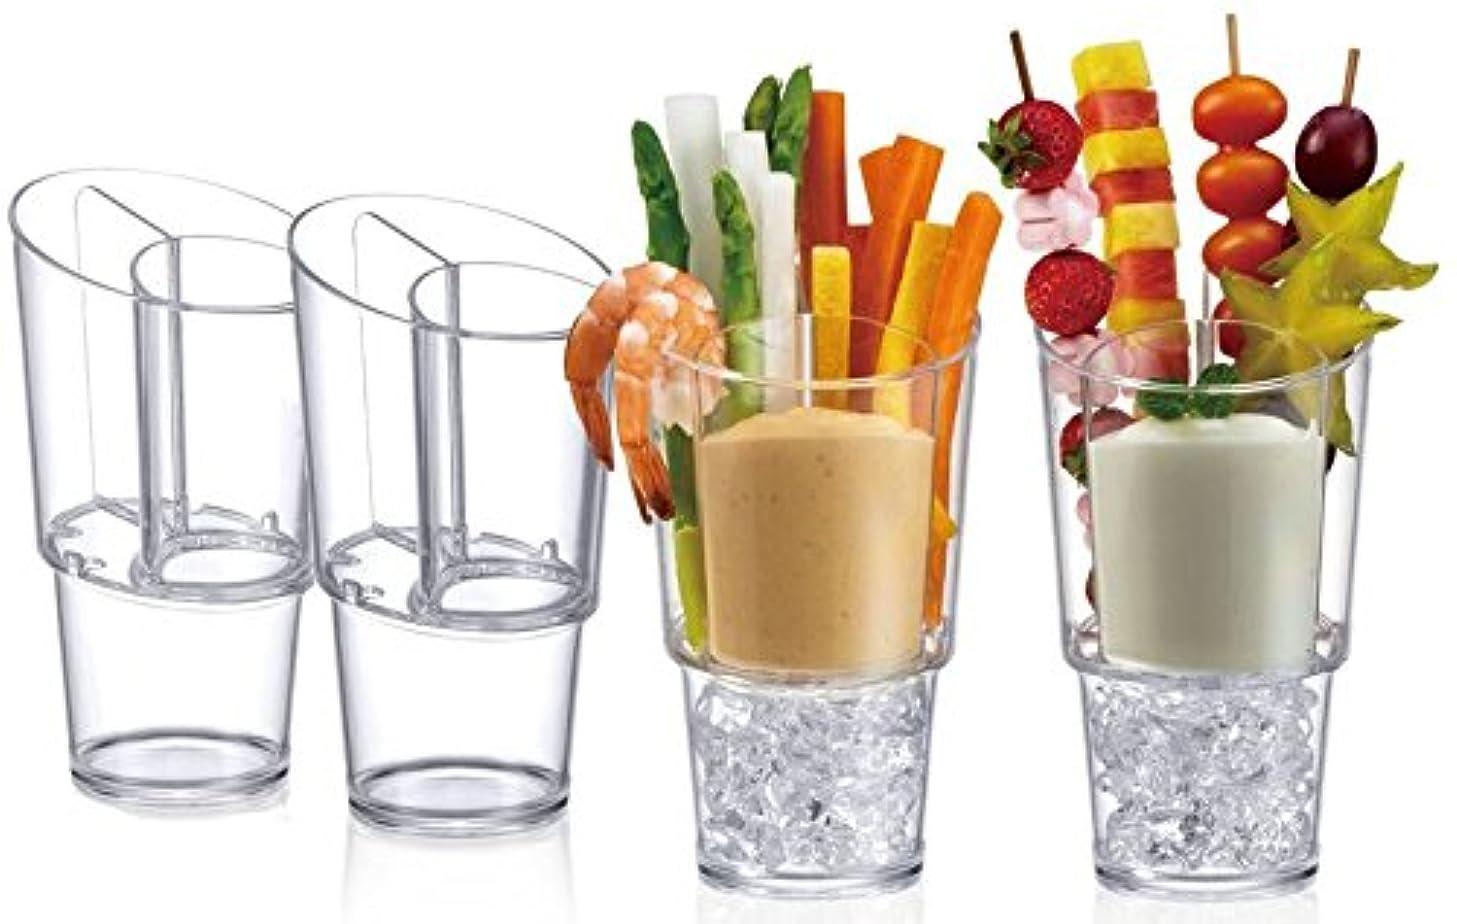 ぼかす渇き彼らProdyne Veggie Sticks & Dip On Ice, Set of 4